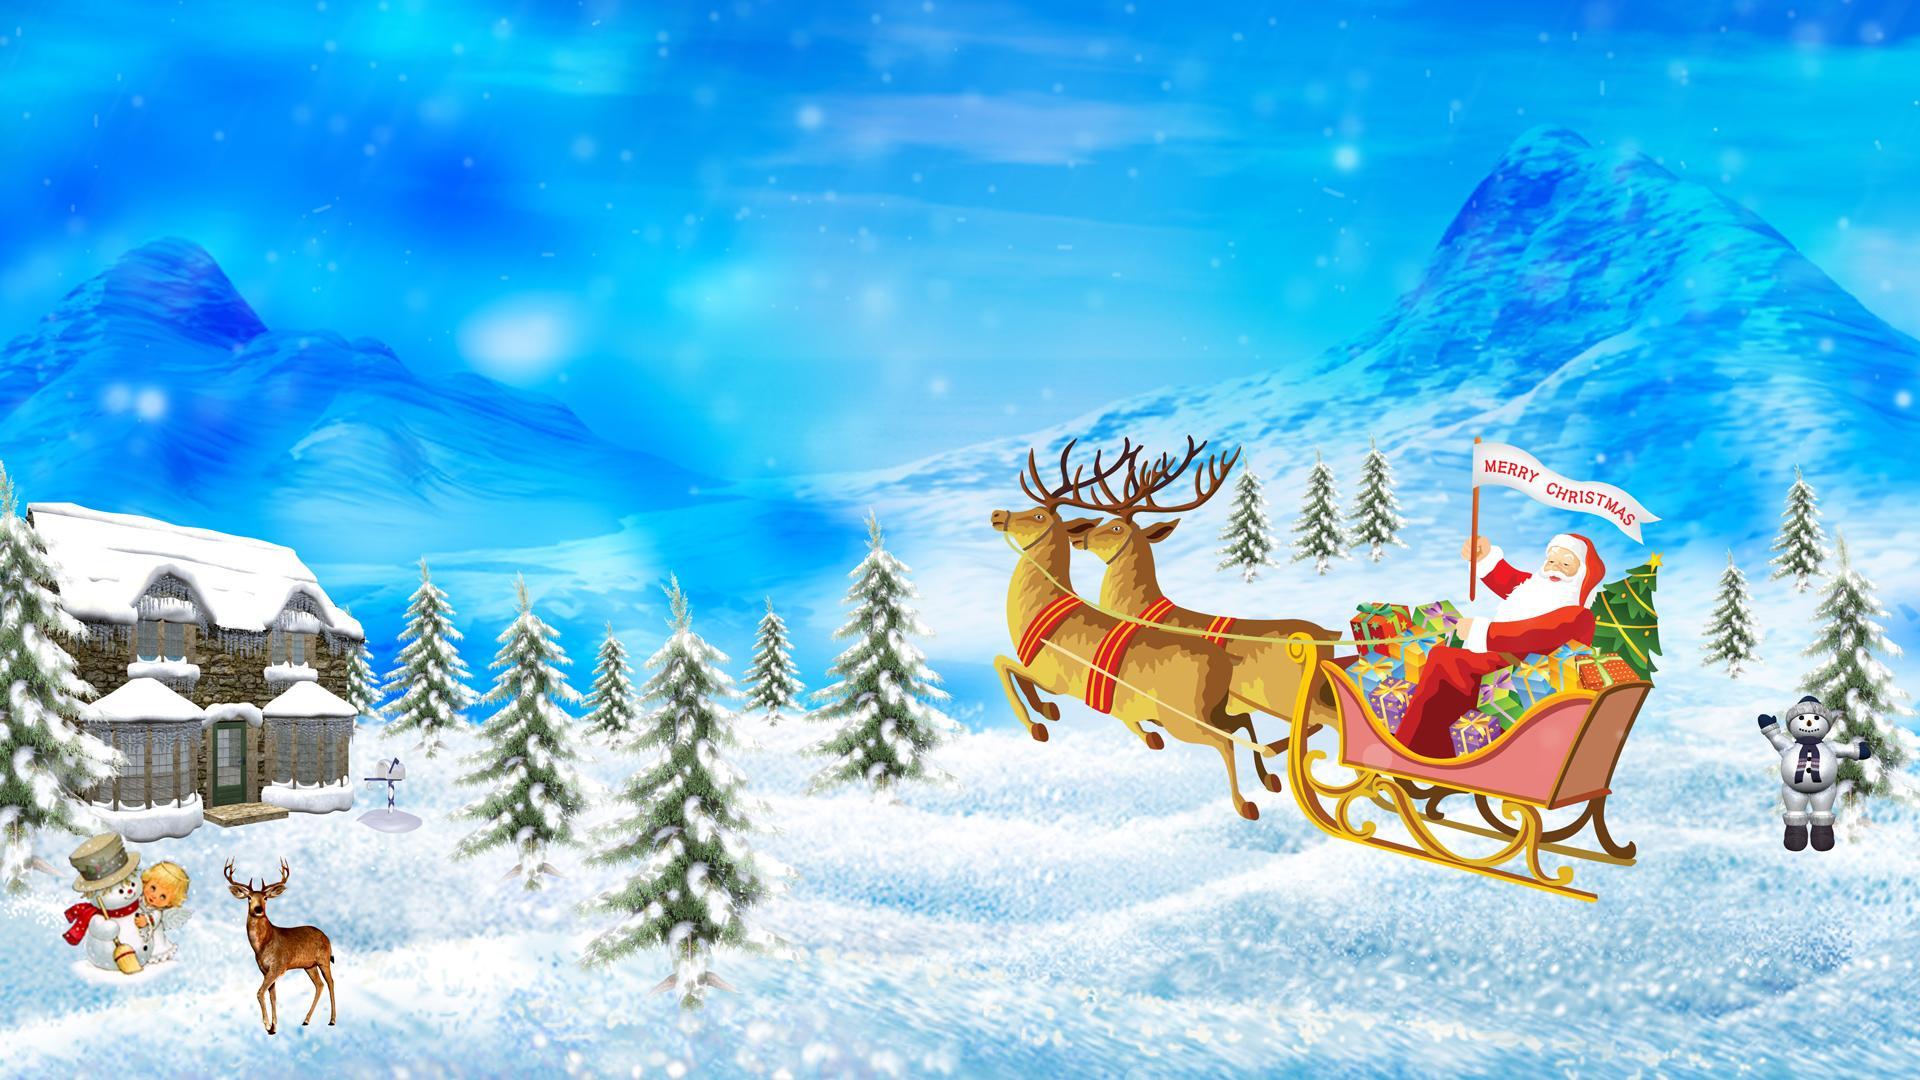 christmas new year holiday celebration 1920x1080